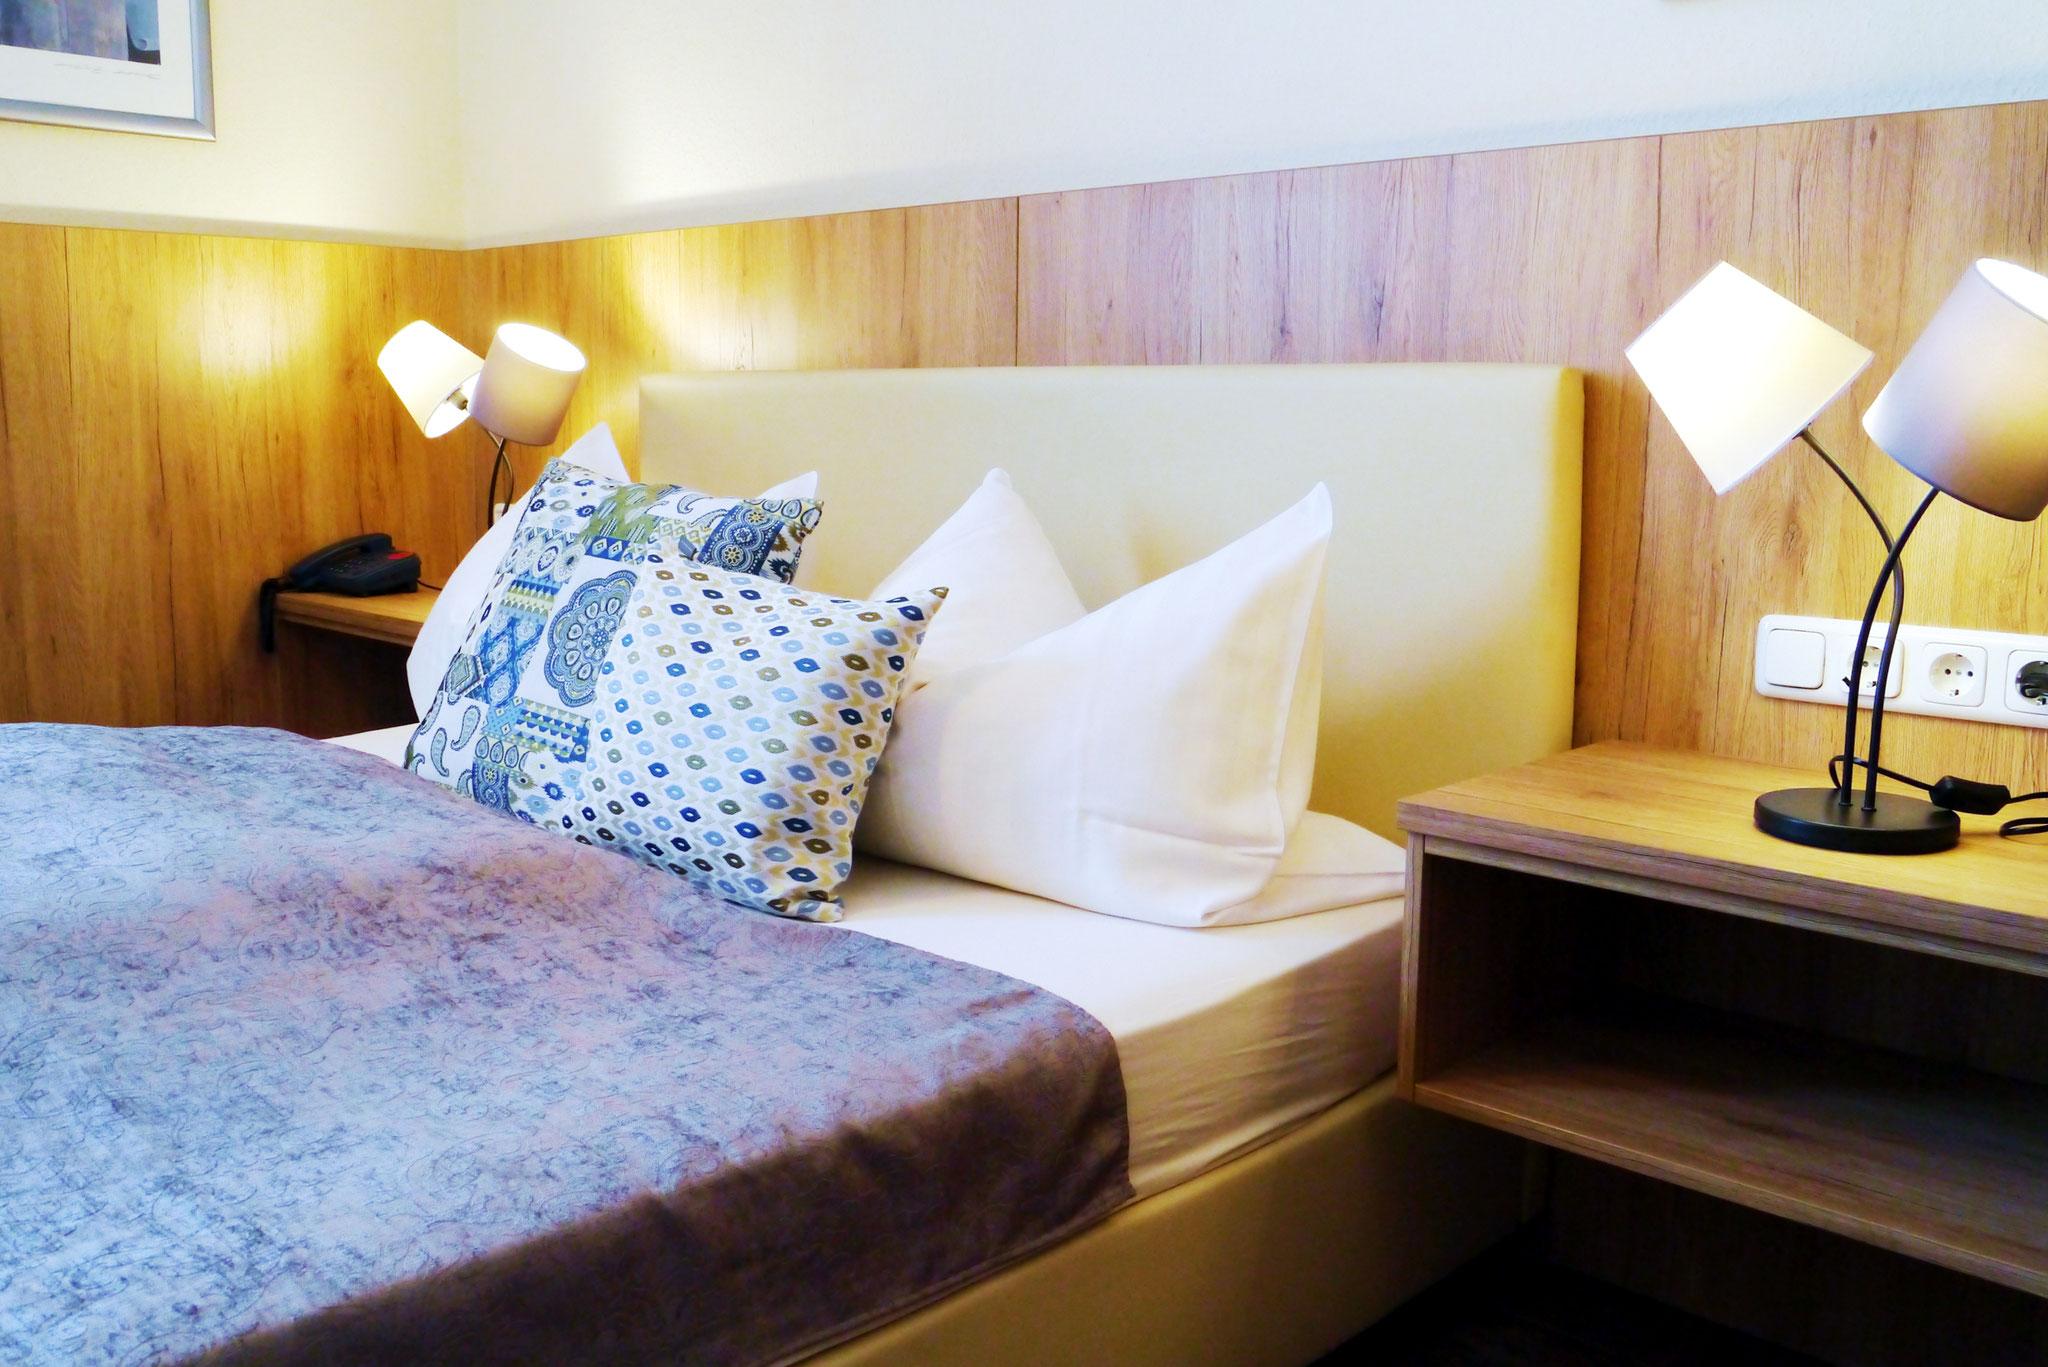 Hotel Grader in Neustadt - Hotel Grader Neustadt a. d. Waldnaab